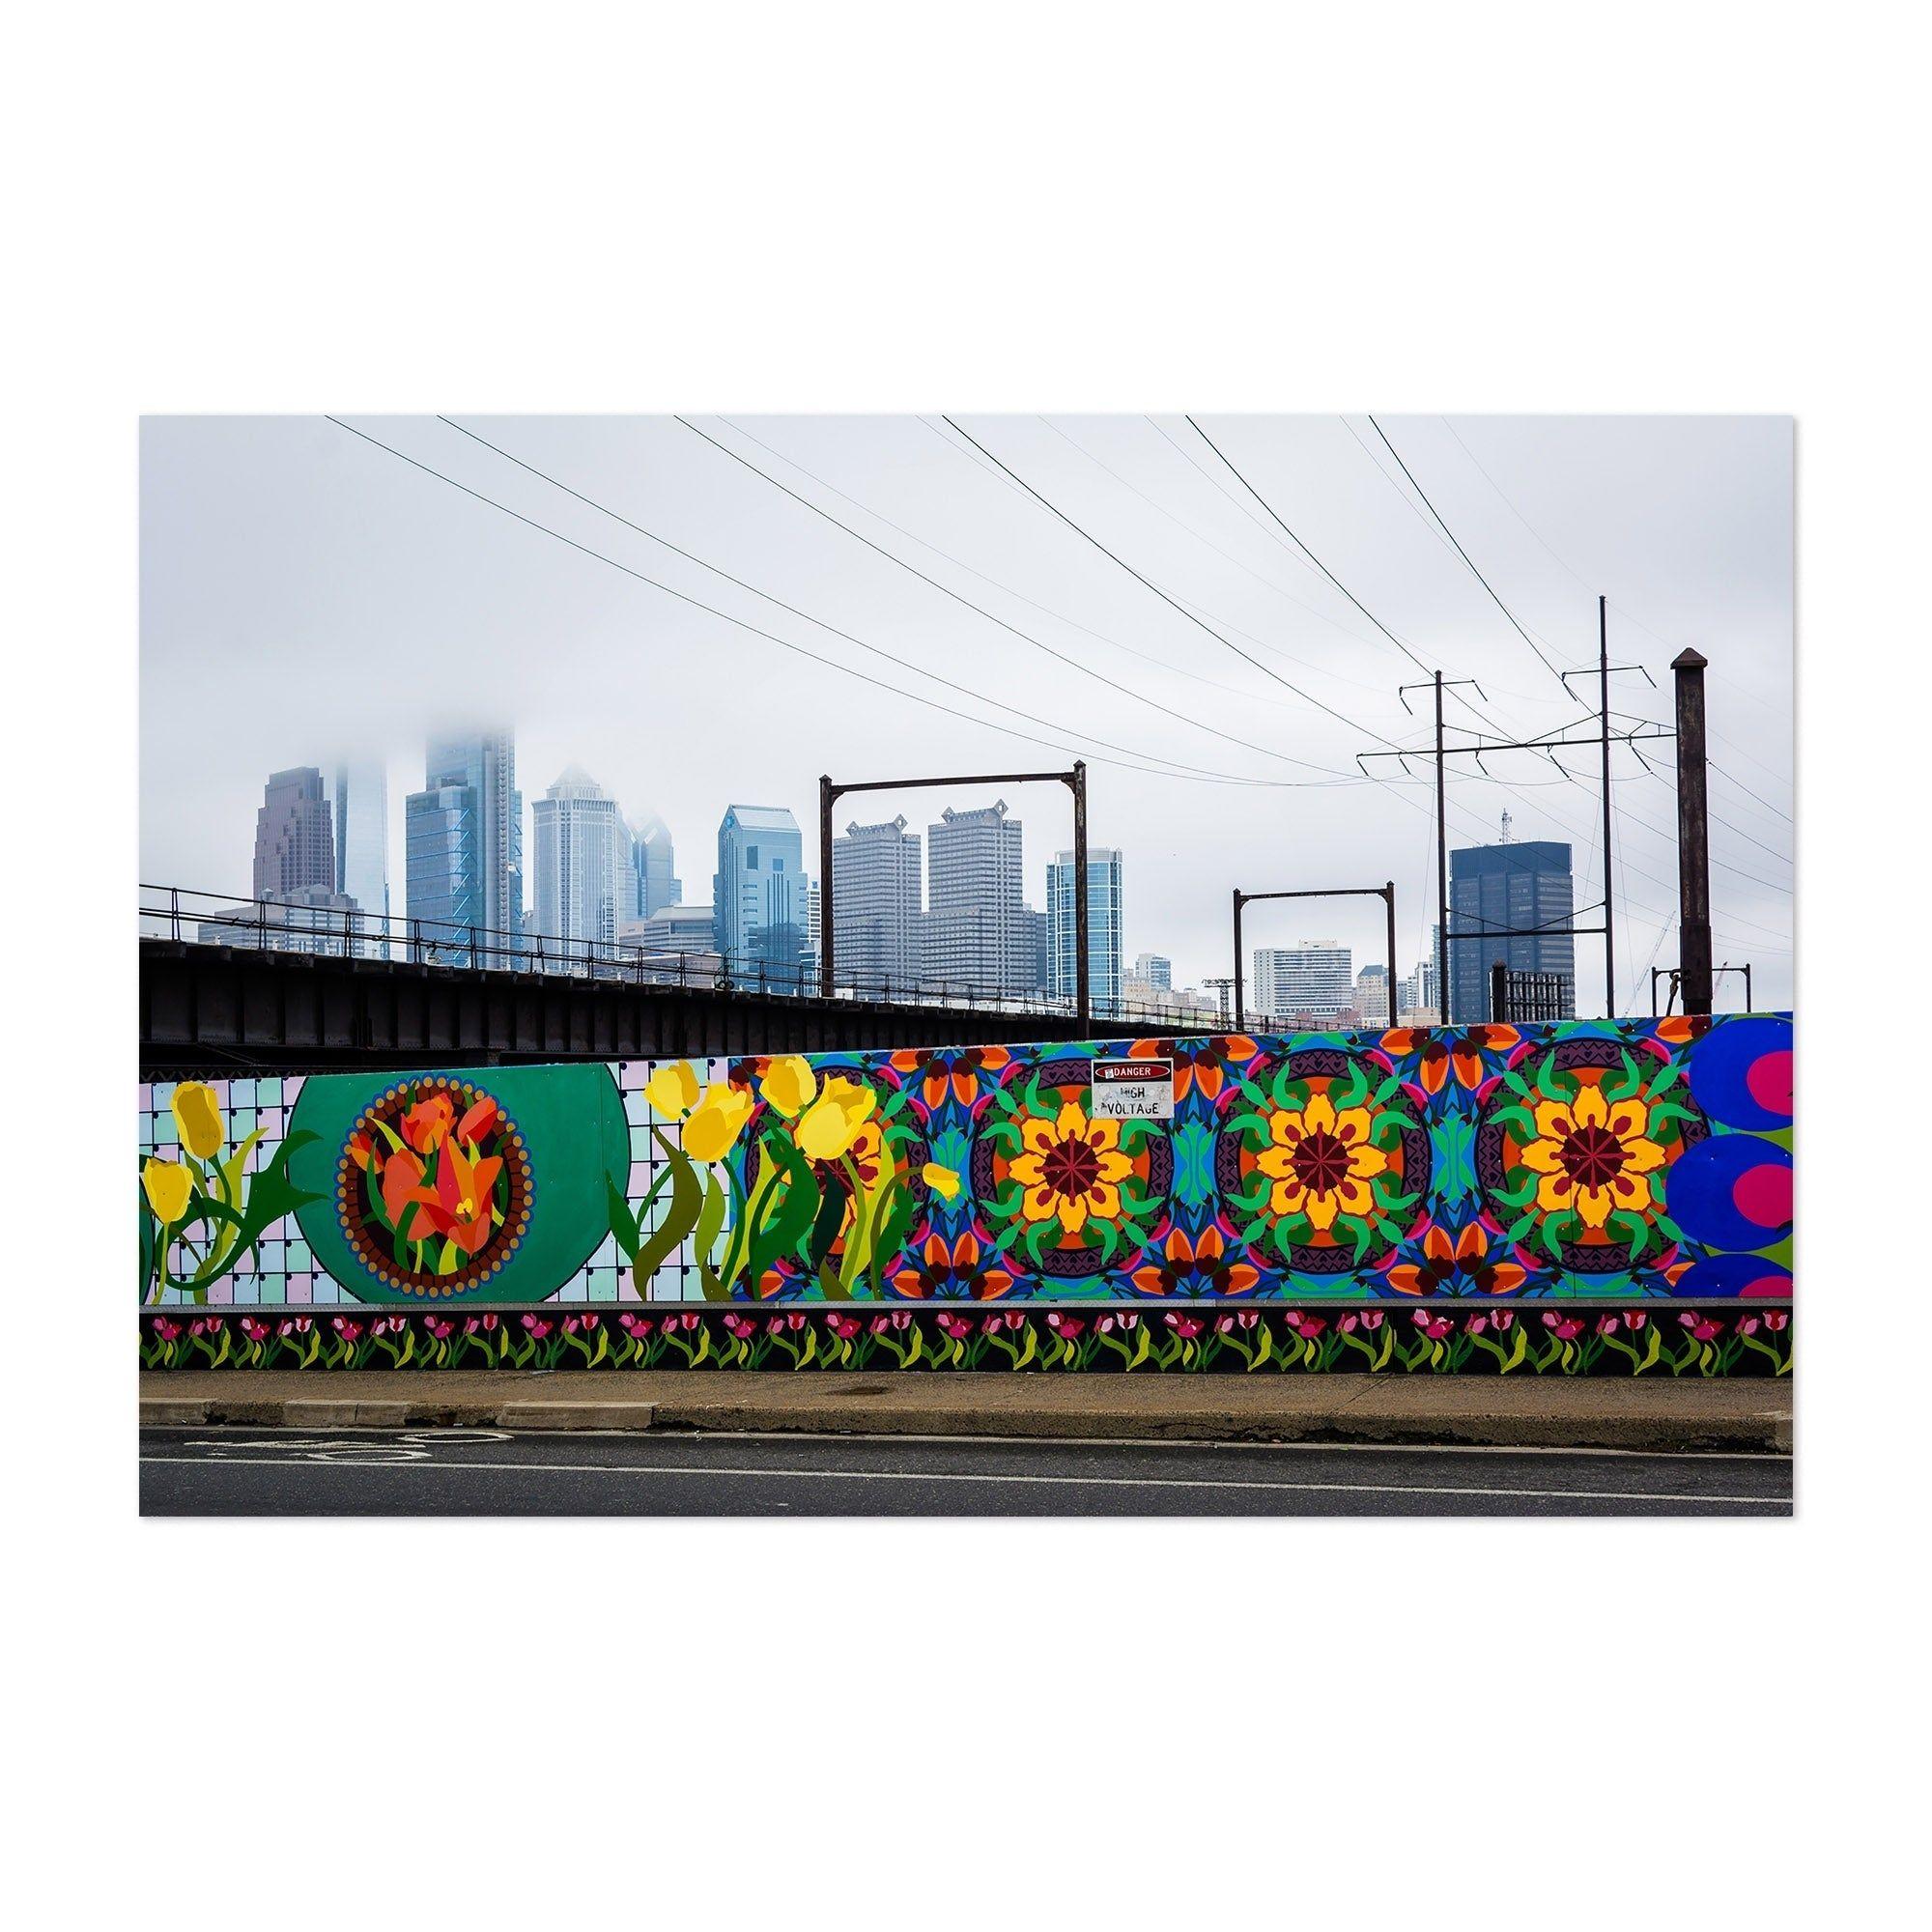 Noir gallery philadelphia skyline mural unframed art print